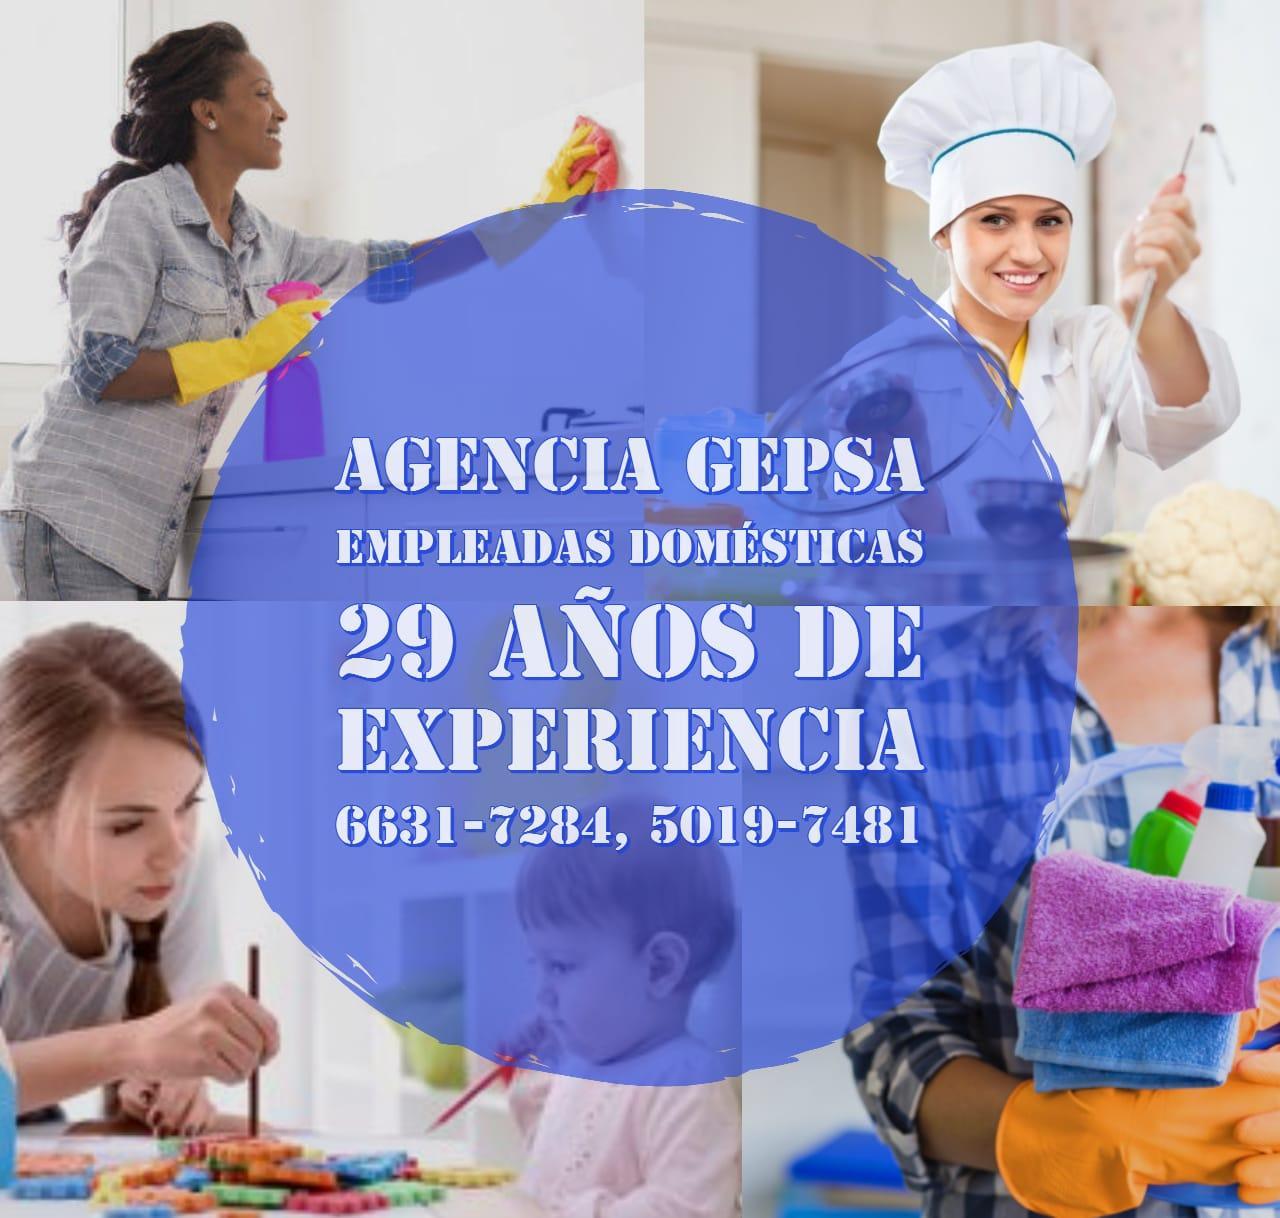 Agencia de Empleadas Domésticas GEPSA, 29 años de experiencia